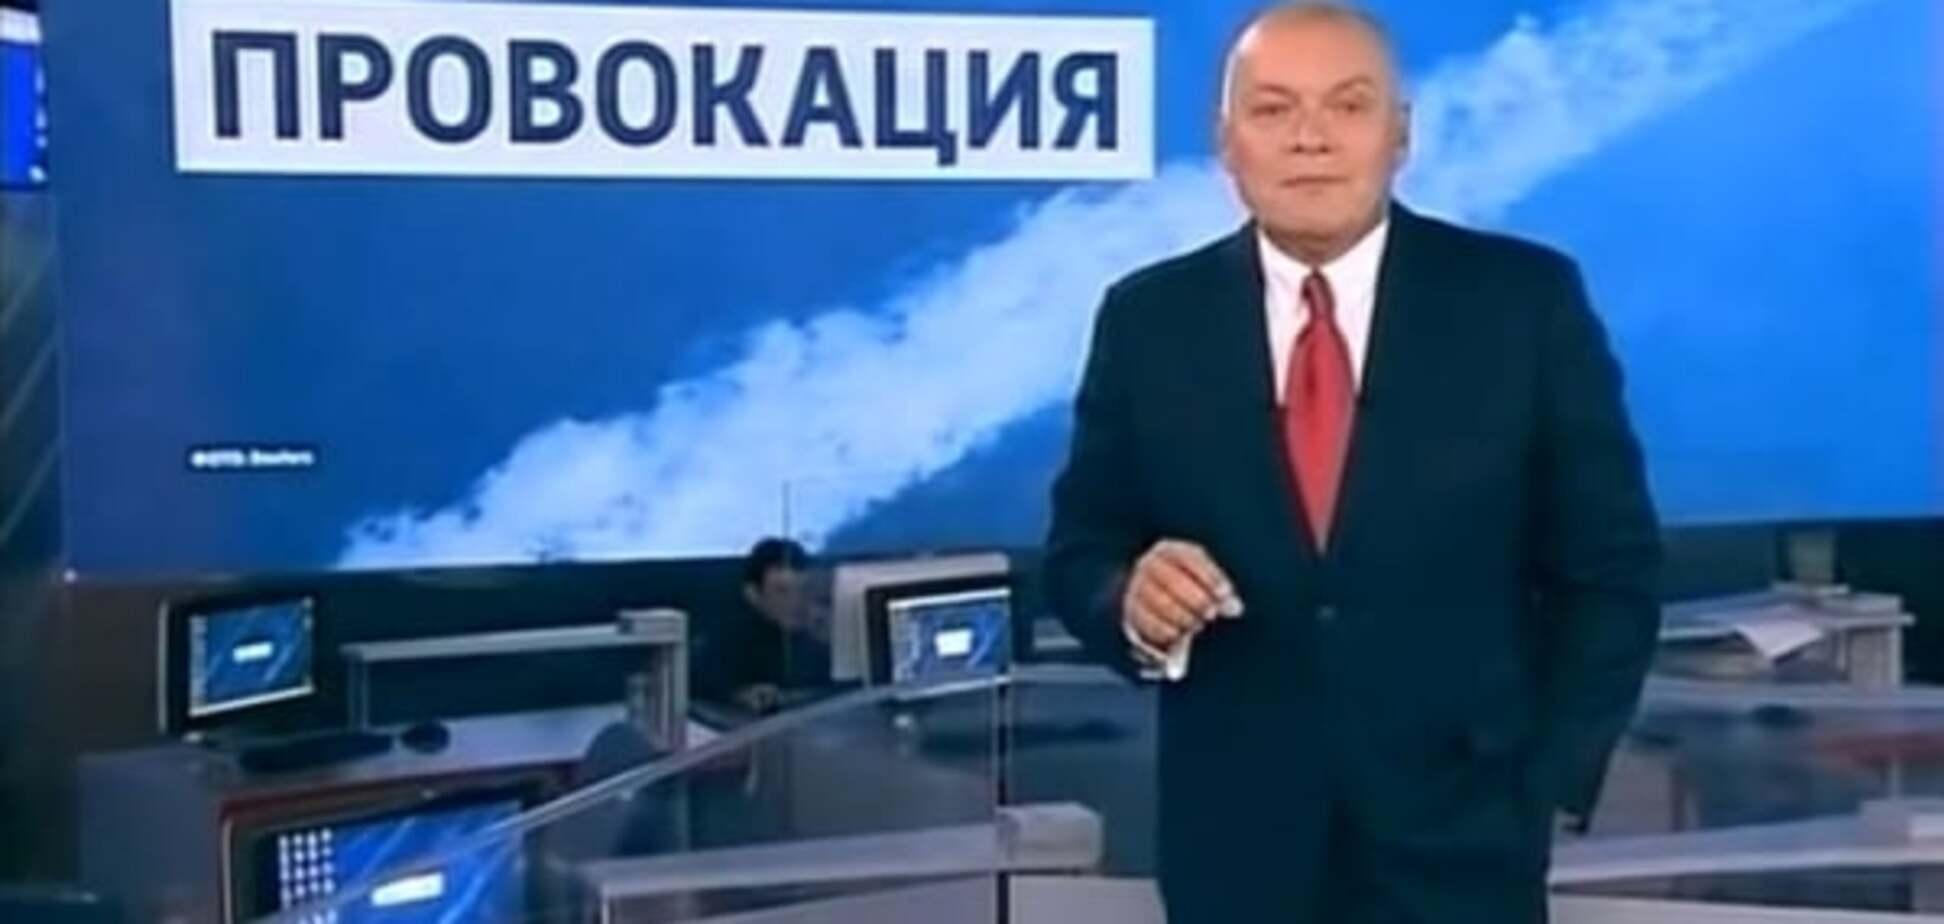 Російський військовий розповів про роль пропаганди у війні на Донбасі